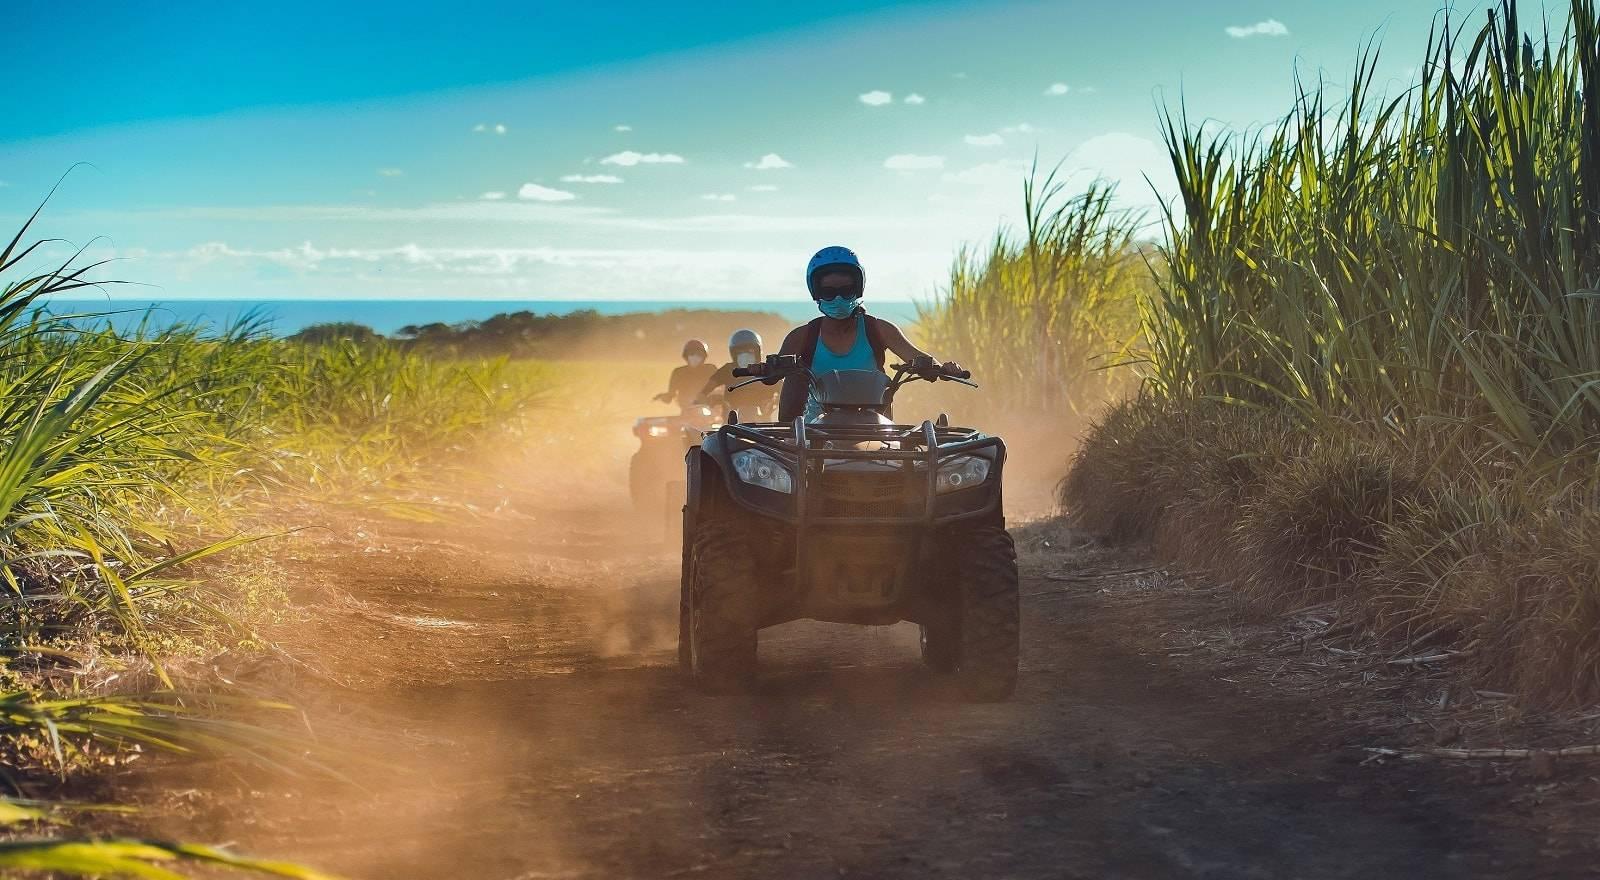 Quadbike Adventure - Mauritius Sweet Scenic